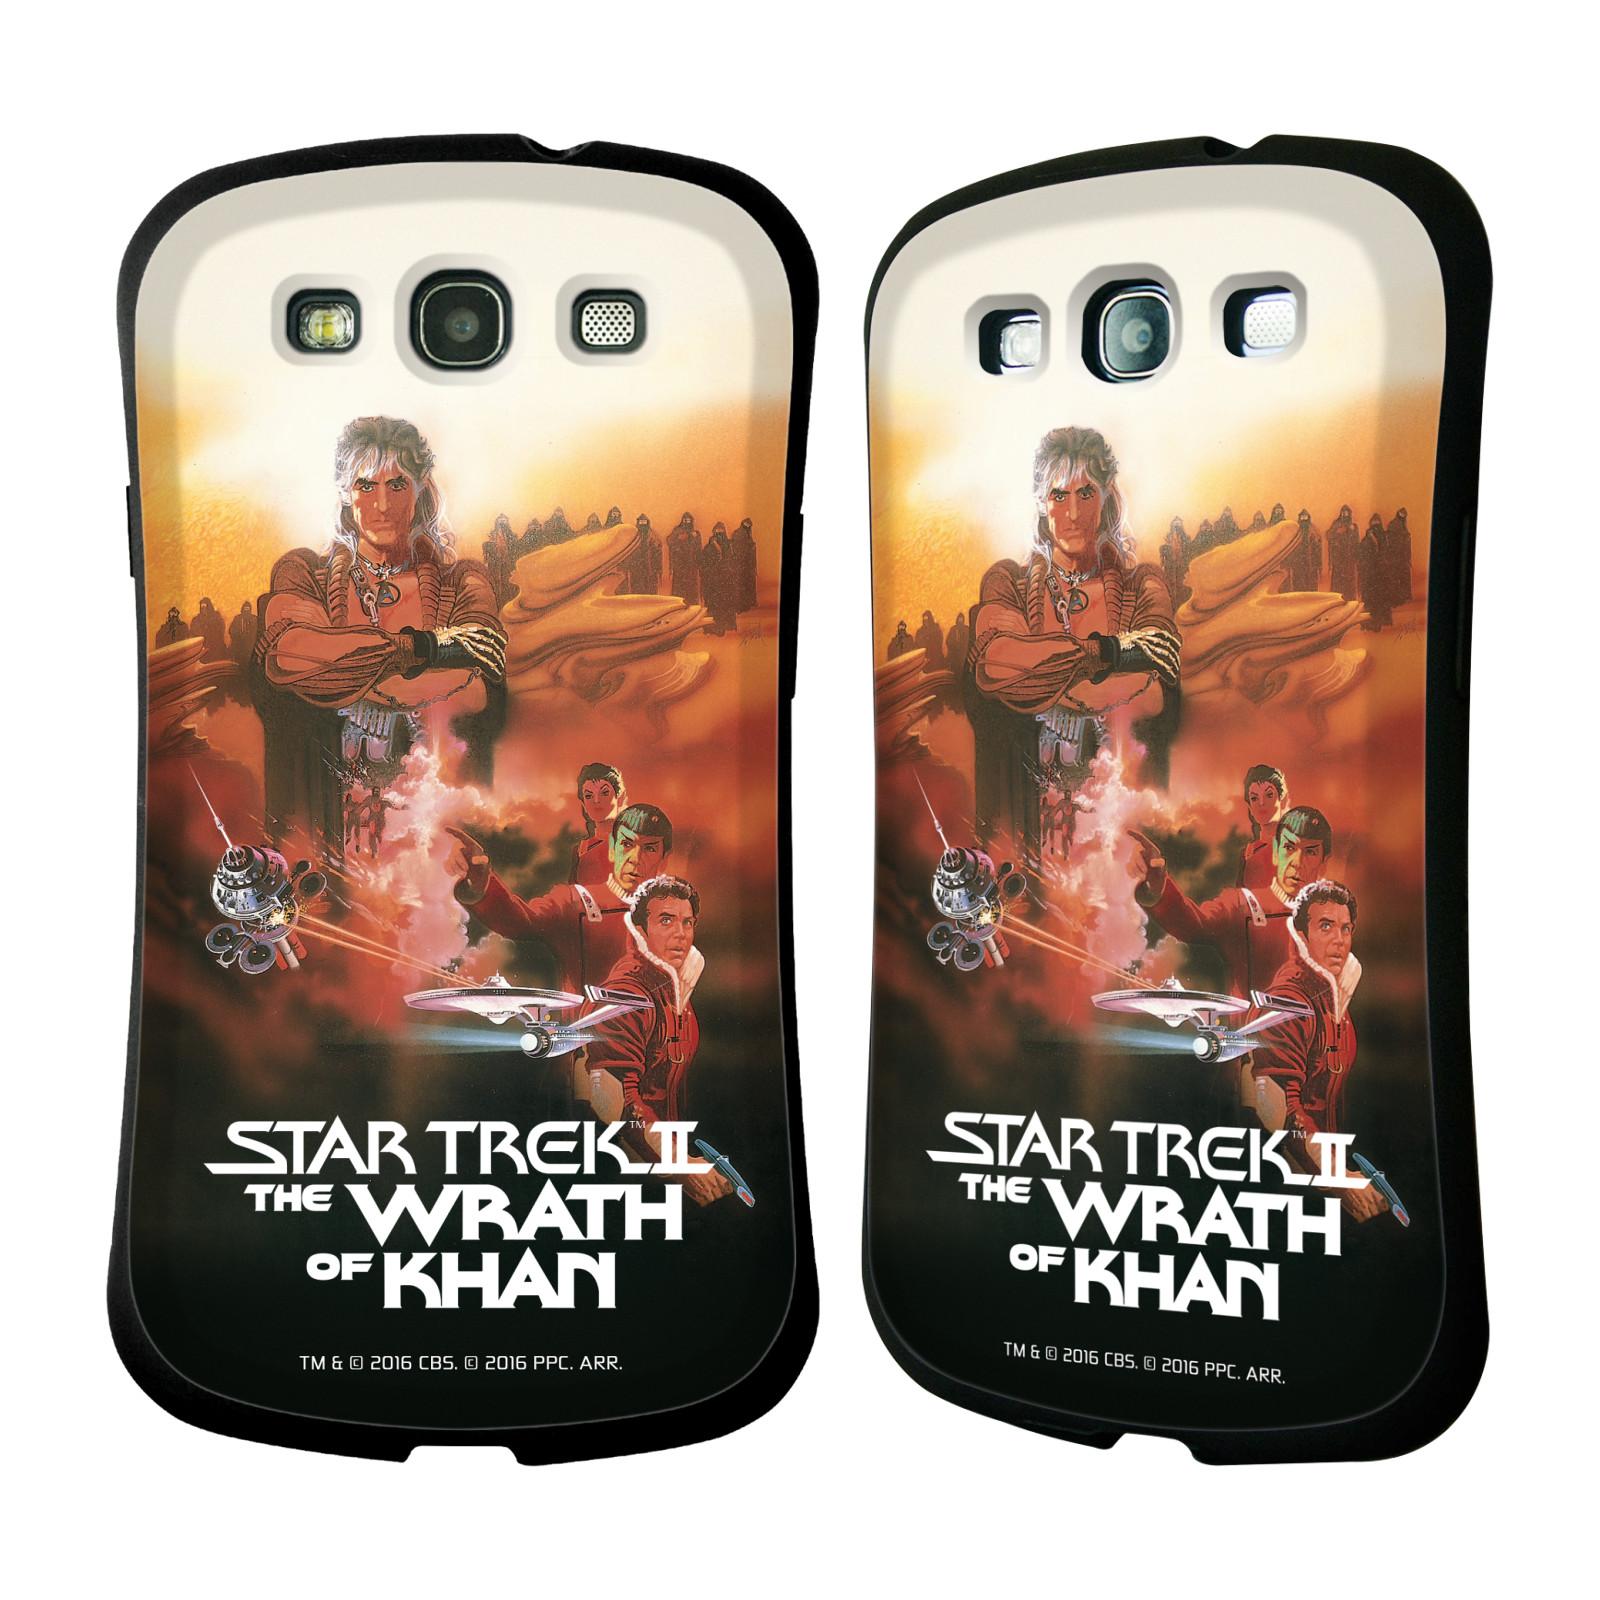 HEAD CASE silikon/plast odolný obal na mobil Samsung Galaxy S3 i9300 / S3 NEO Star Trek Filmové plakáty Wrath of Khan